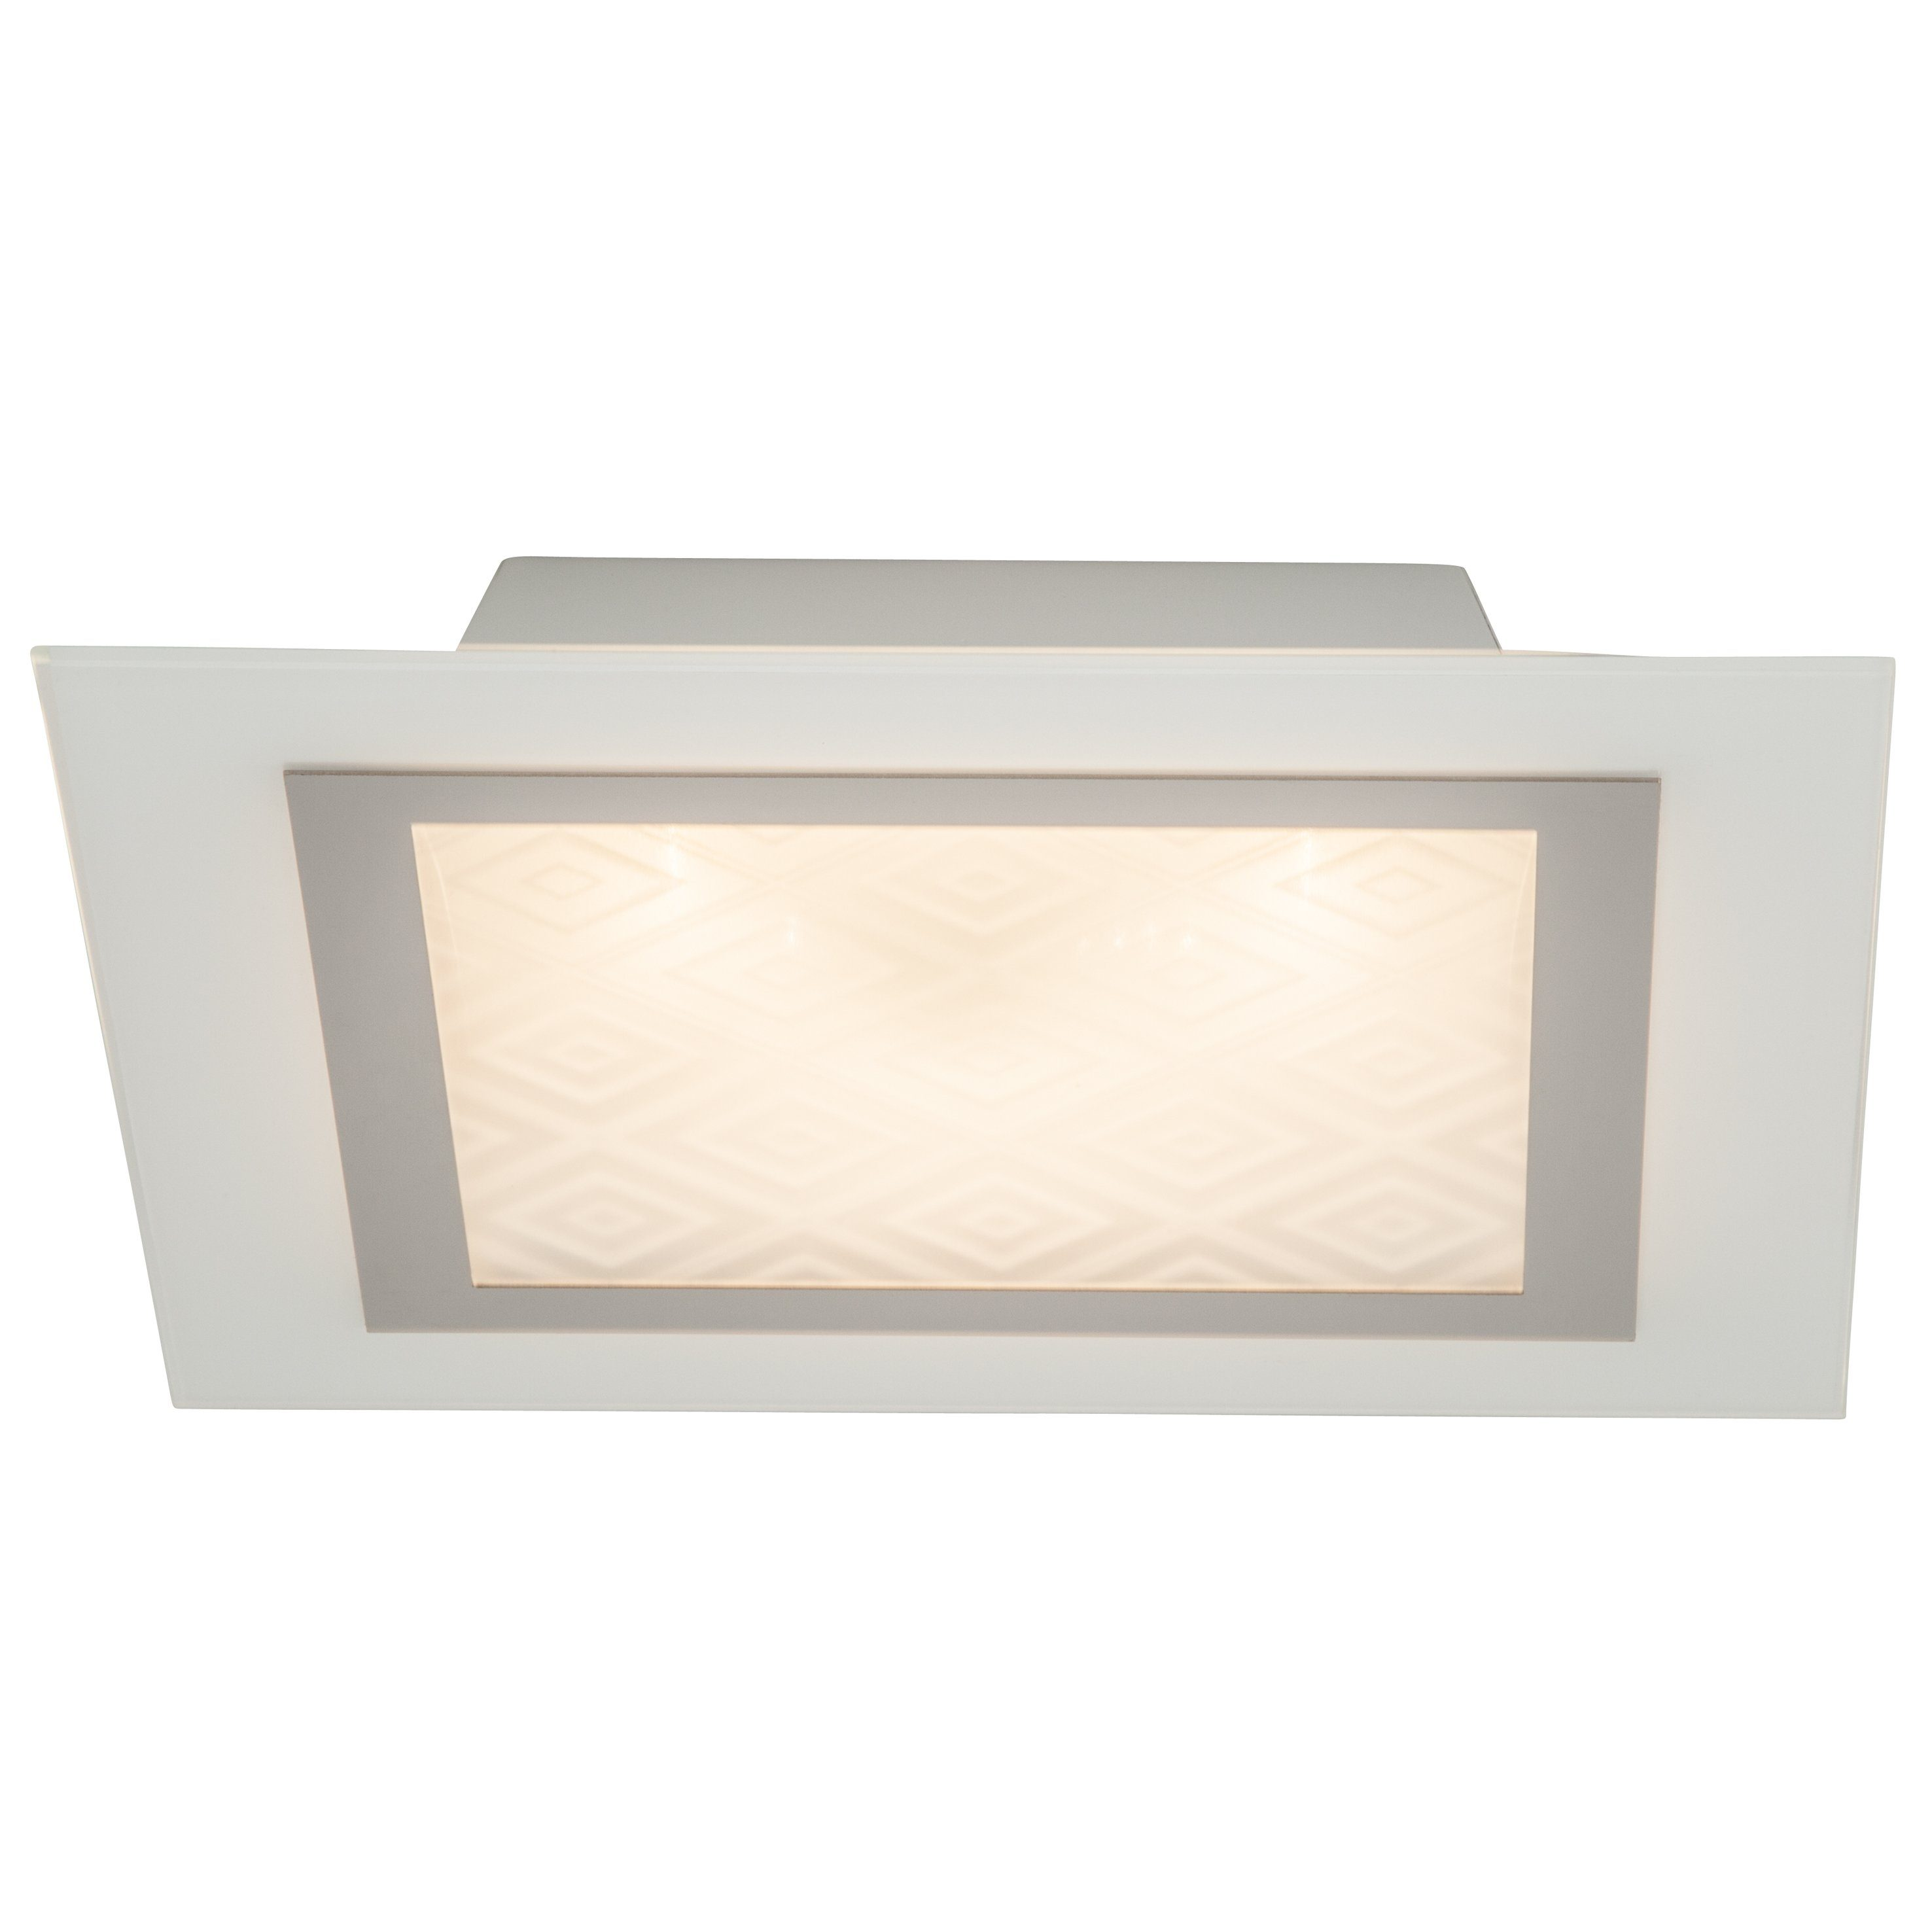 Brilliant Leuchten Rolanda LED Wand- und Deckenleuchte chrom/weiß